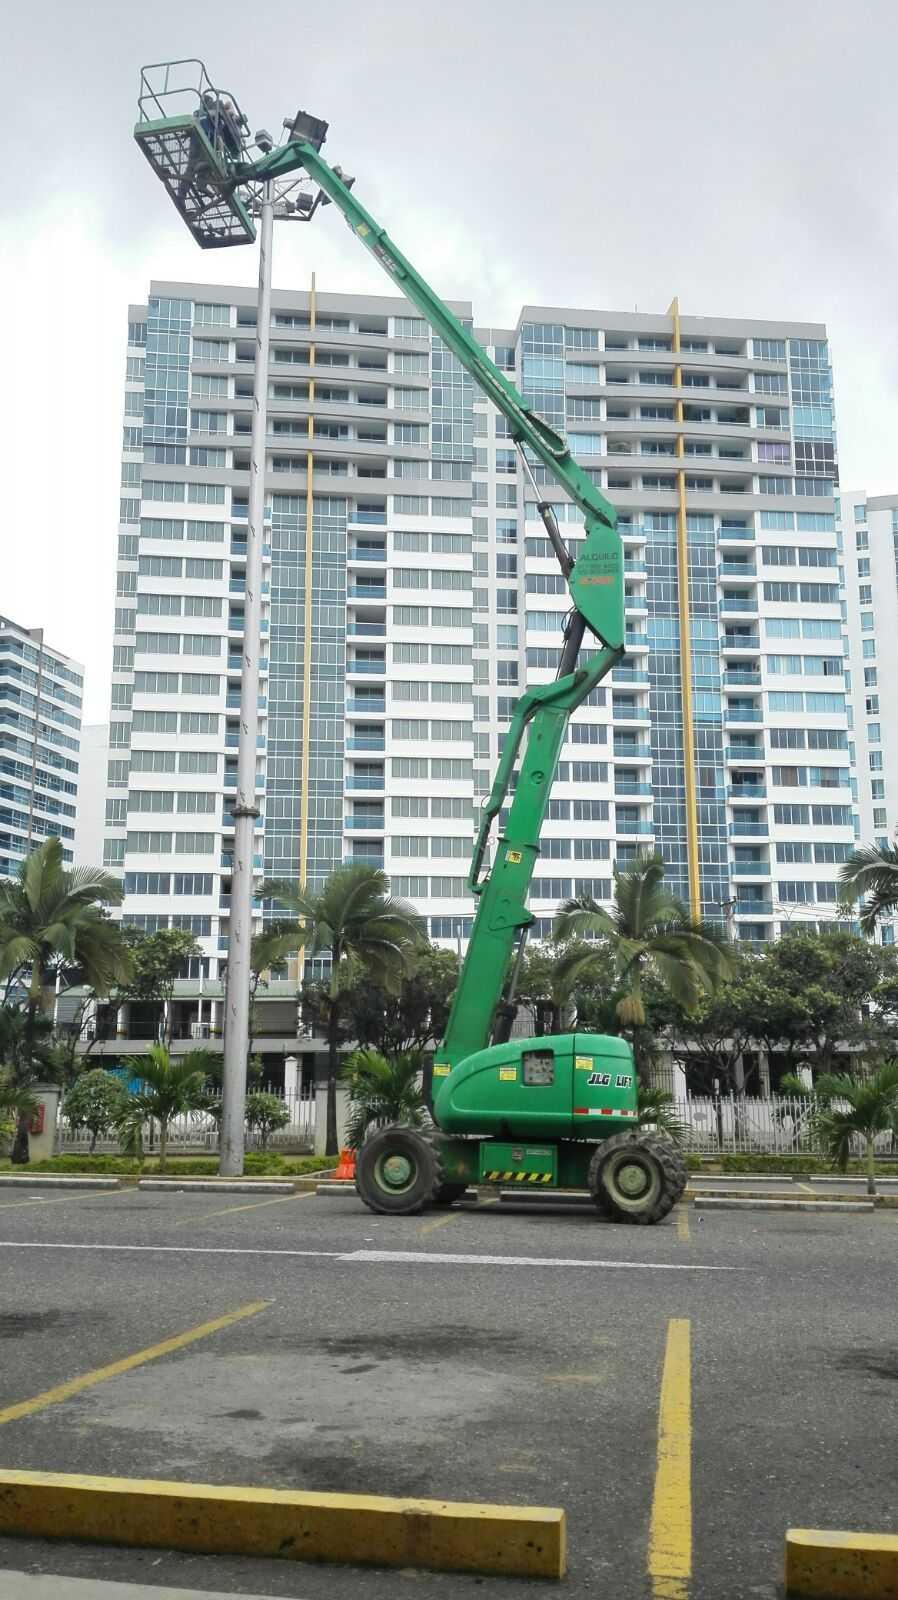 Alquiler y venta de equipos de elevación de personal y carga